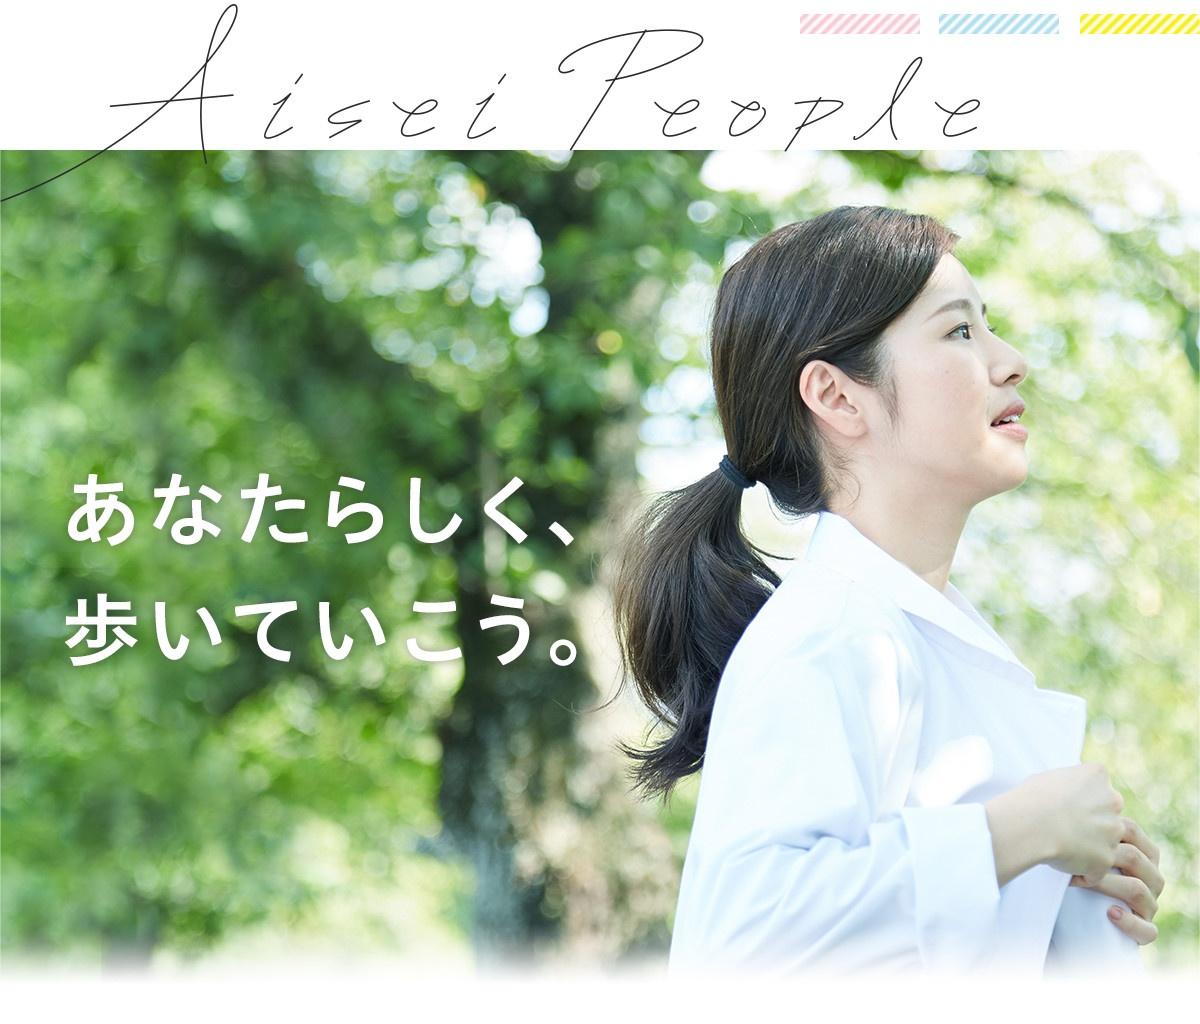 Aisei People あなたらしく、歩いていこう。